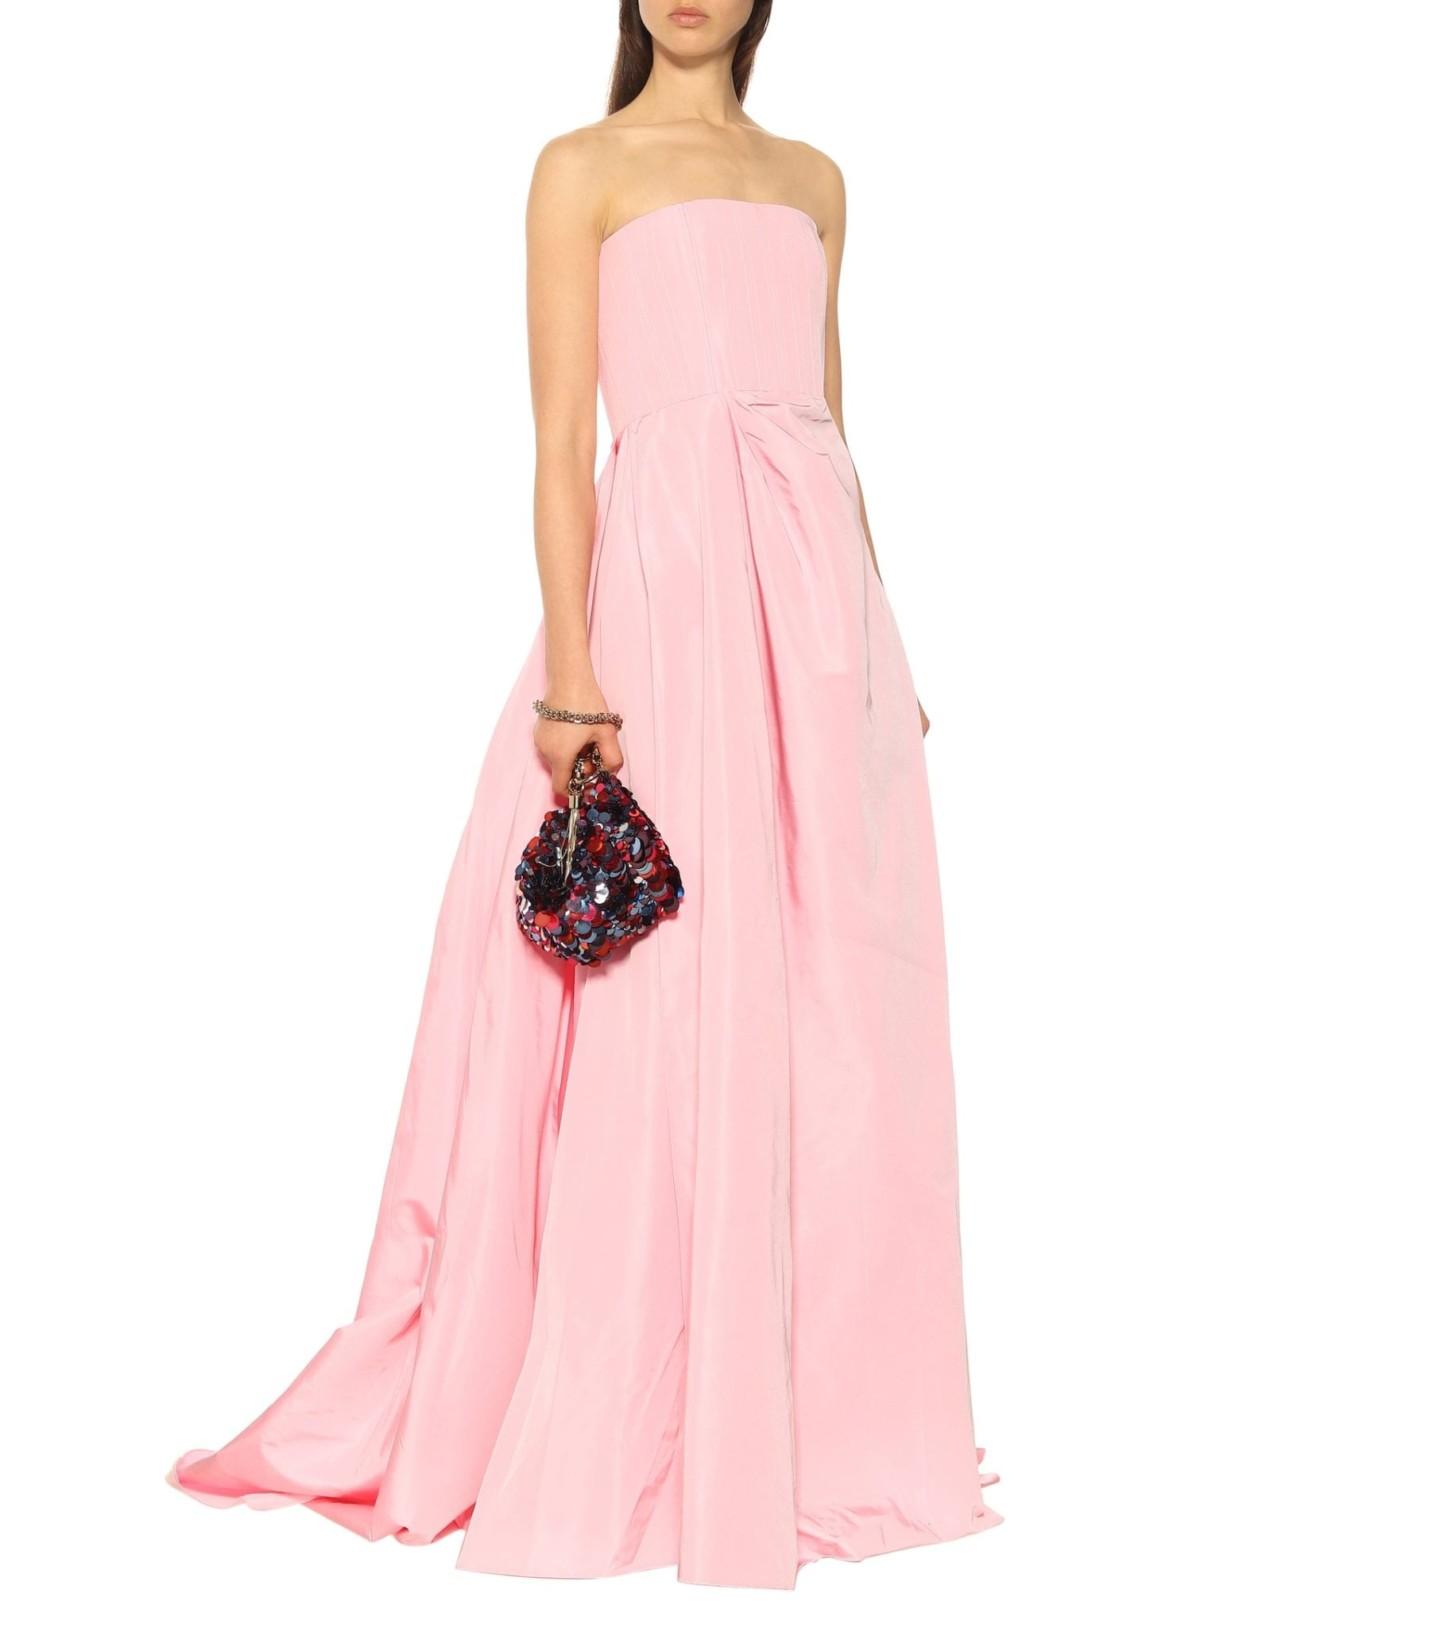 ALEX PERRY Valeria Strapless Silk Grosgrain Pink Gown